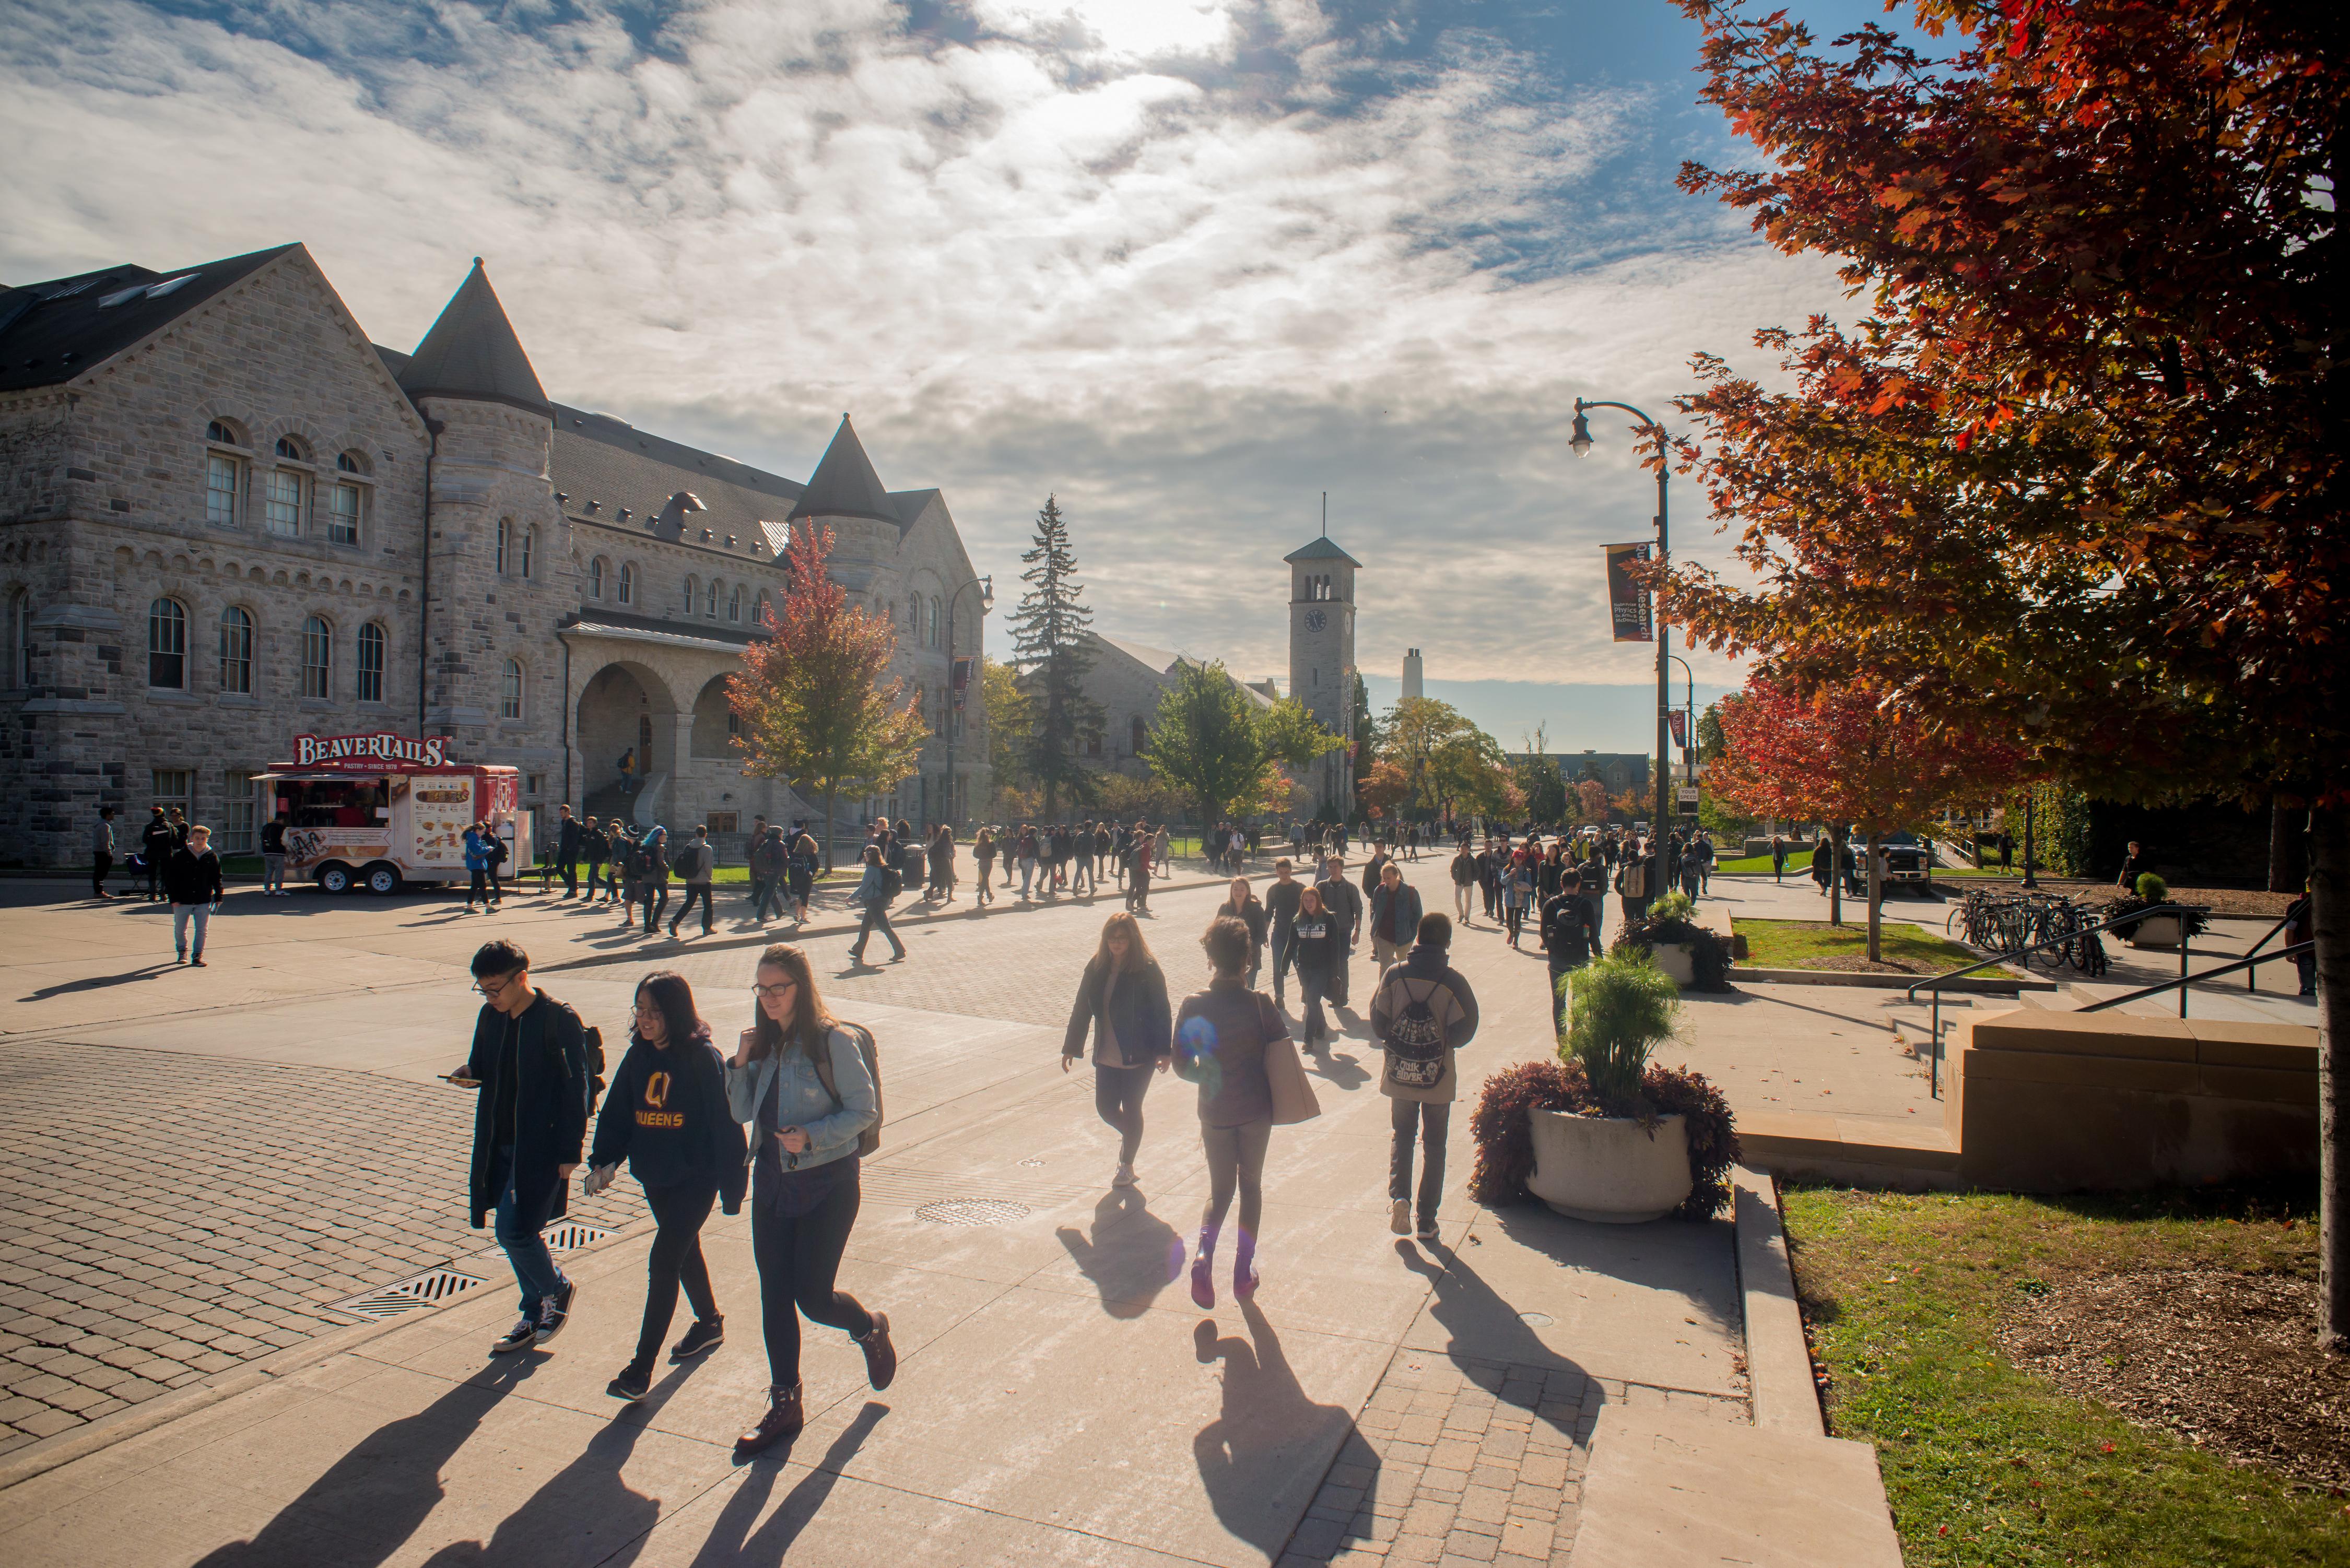 Queen's University - most beautiful universities in Canada